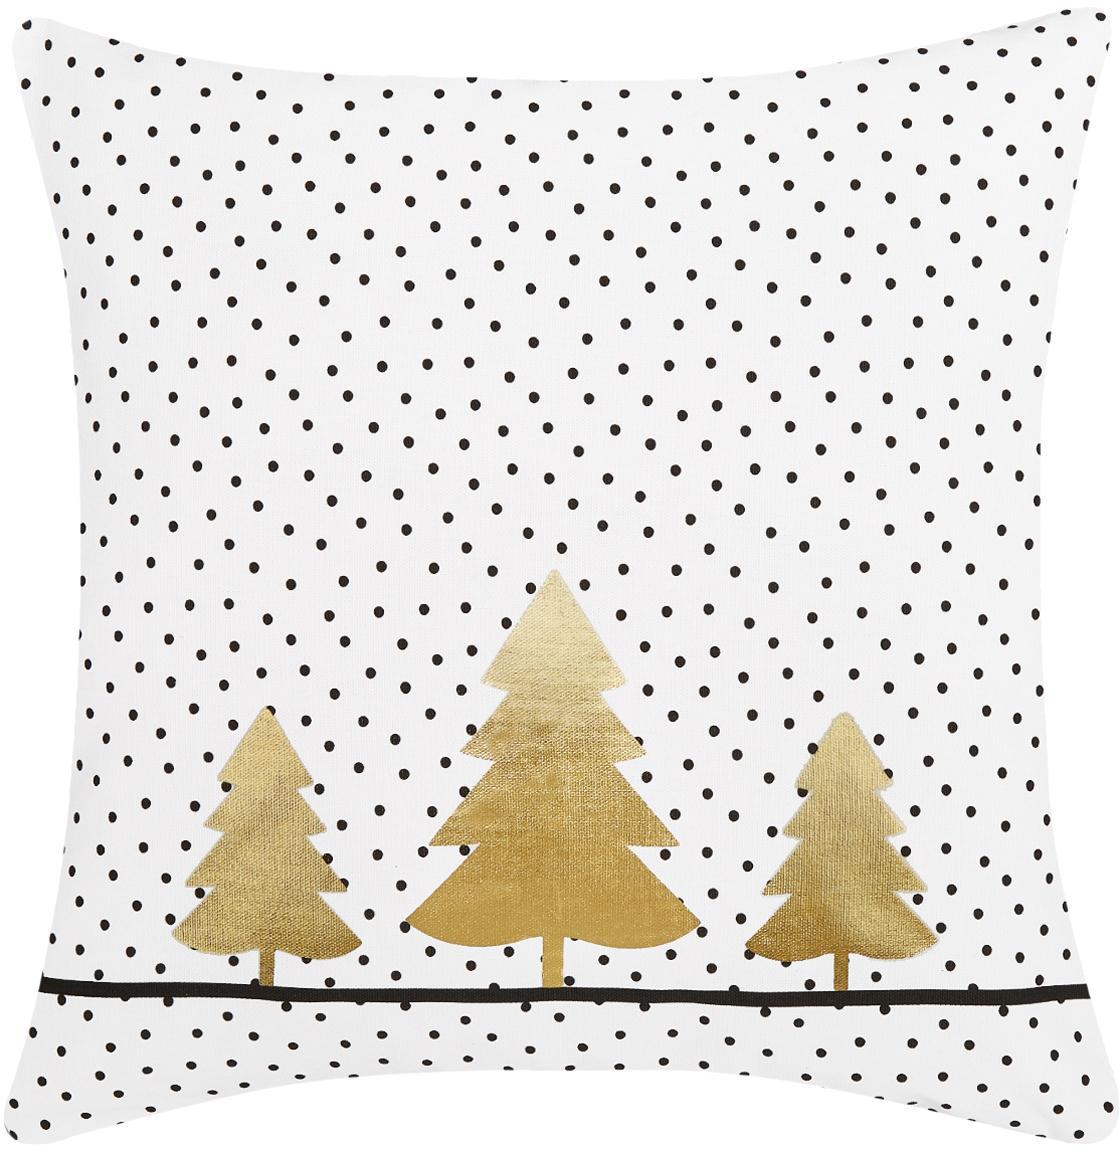 Gepunktete Kissenhülle Yule mit goldenen Tannenbäumen, Baumwolle, Weiß, Schwarz, Gold, 40 x 40 cm